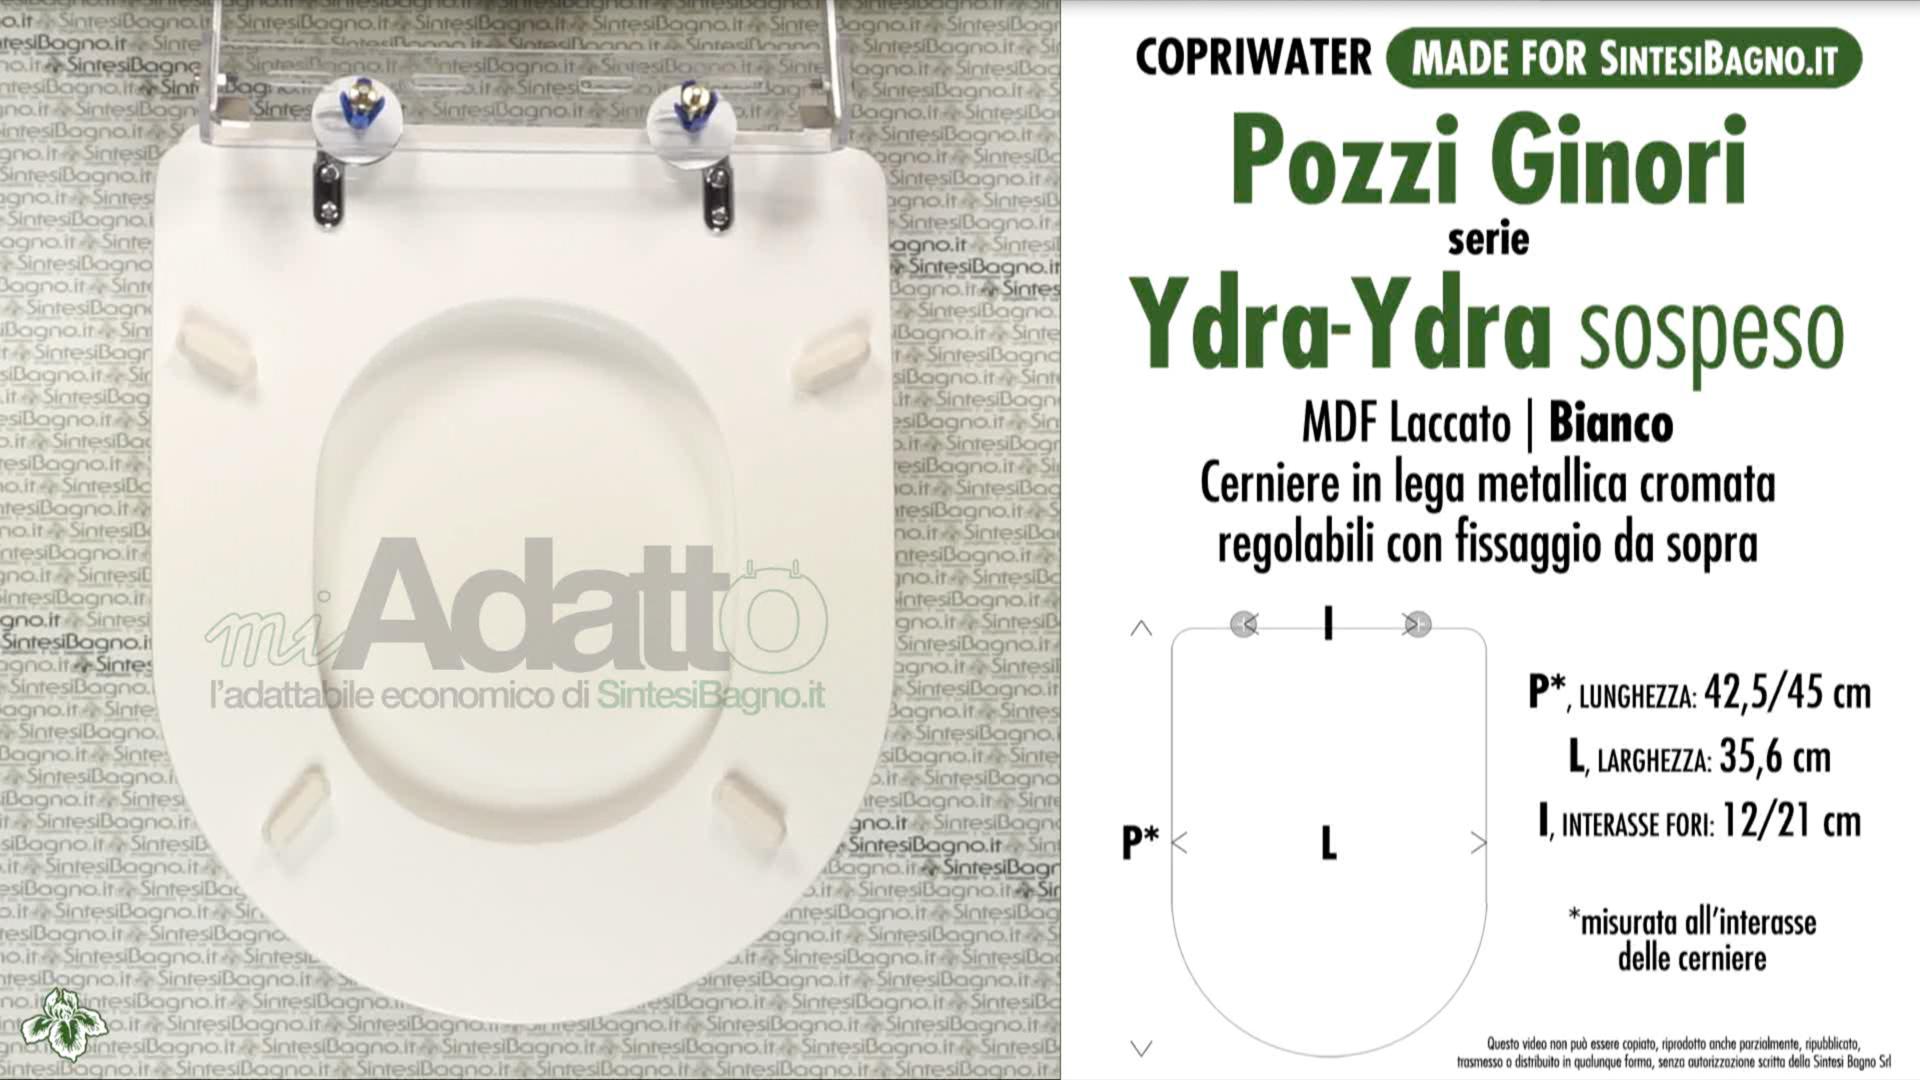 Sedile Wc Pozzi Ginori Ydra.Copriwater Per Wc Ydra Pozzi Ginori Tipo Adattabile Prezzo